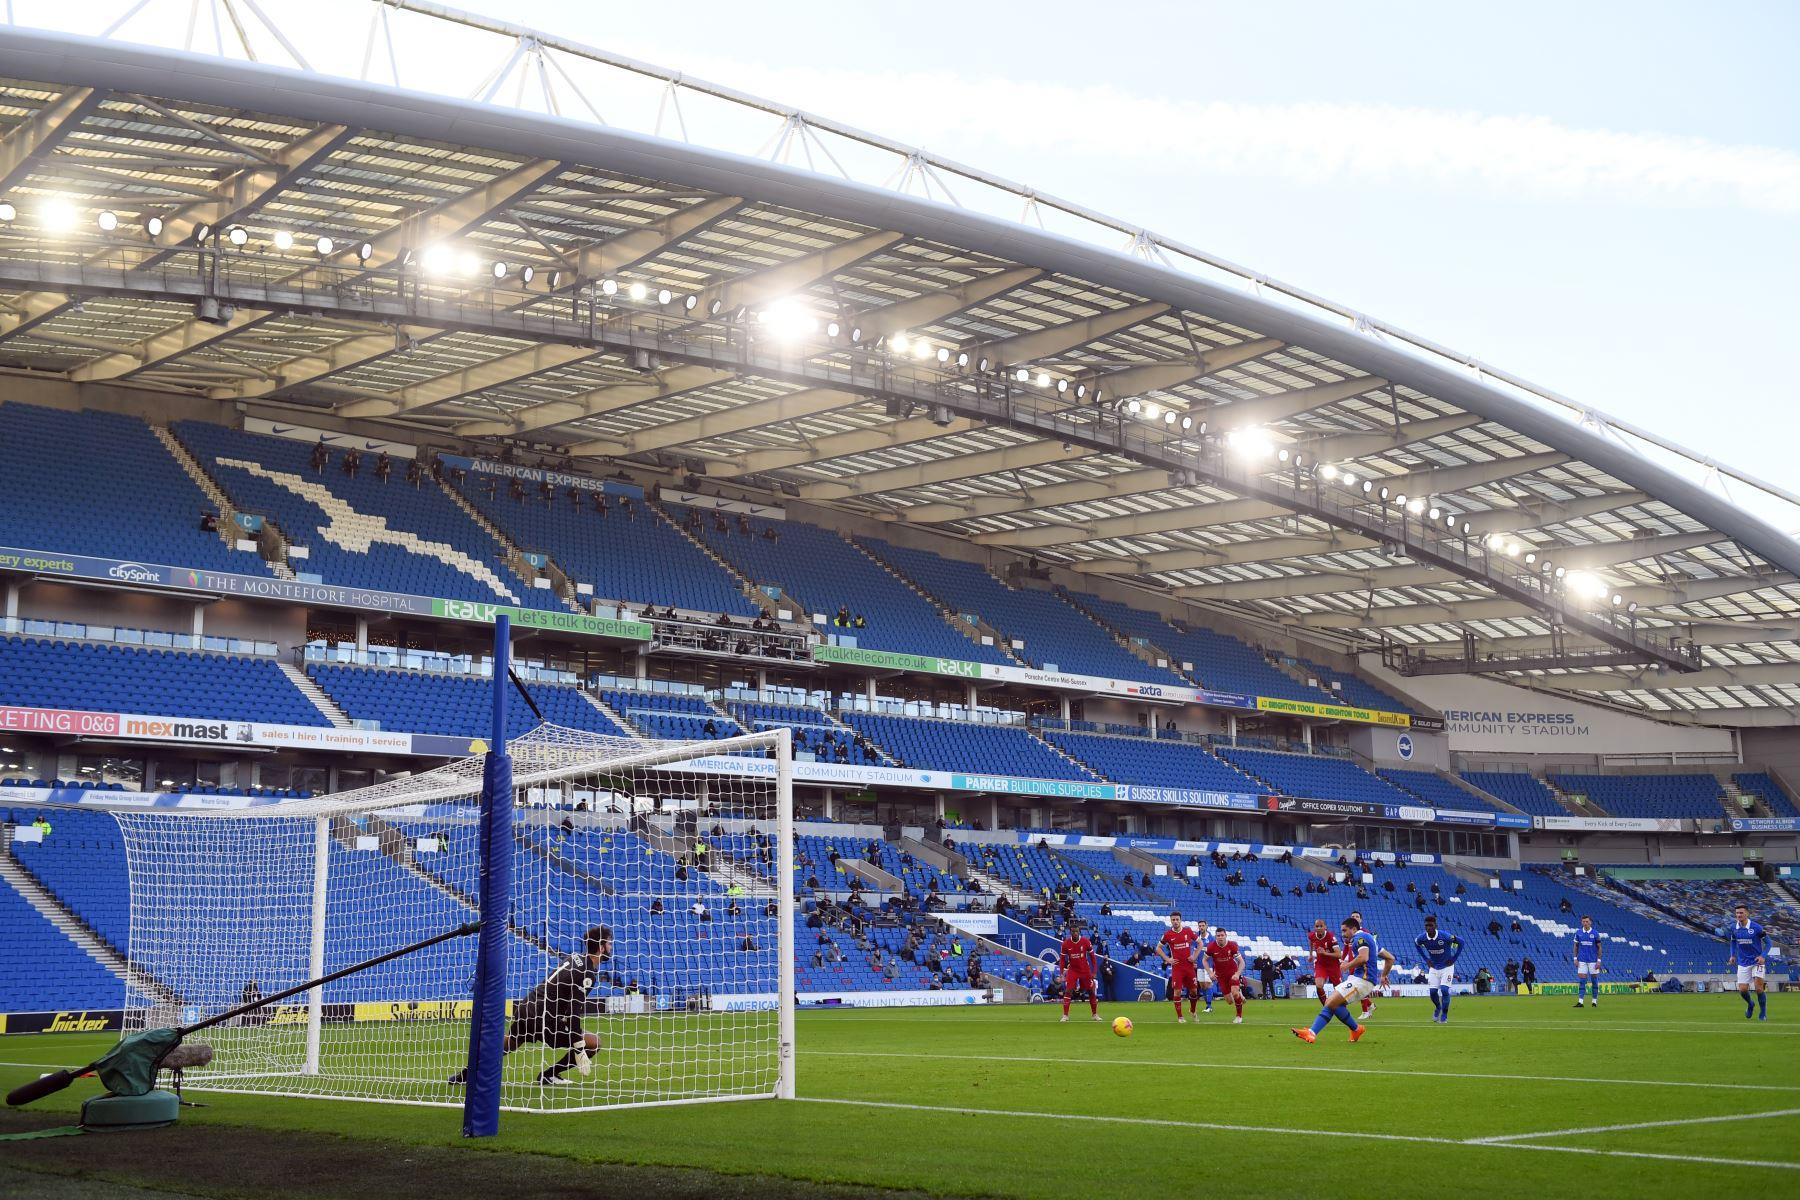 El delantero francés de Brighton, Neal Maupay, falla desde el punto de penalti contra el portero brasileño de Liverpool, Alisson Becker, durante el partido de fútbol de la Premier League. Foto: AFP